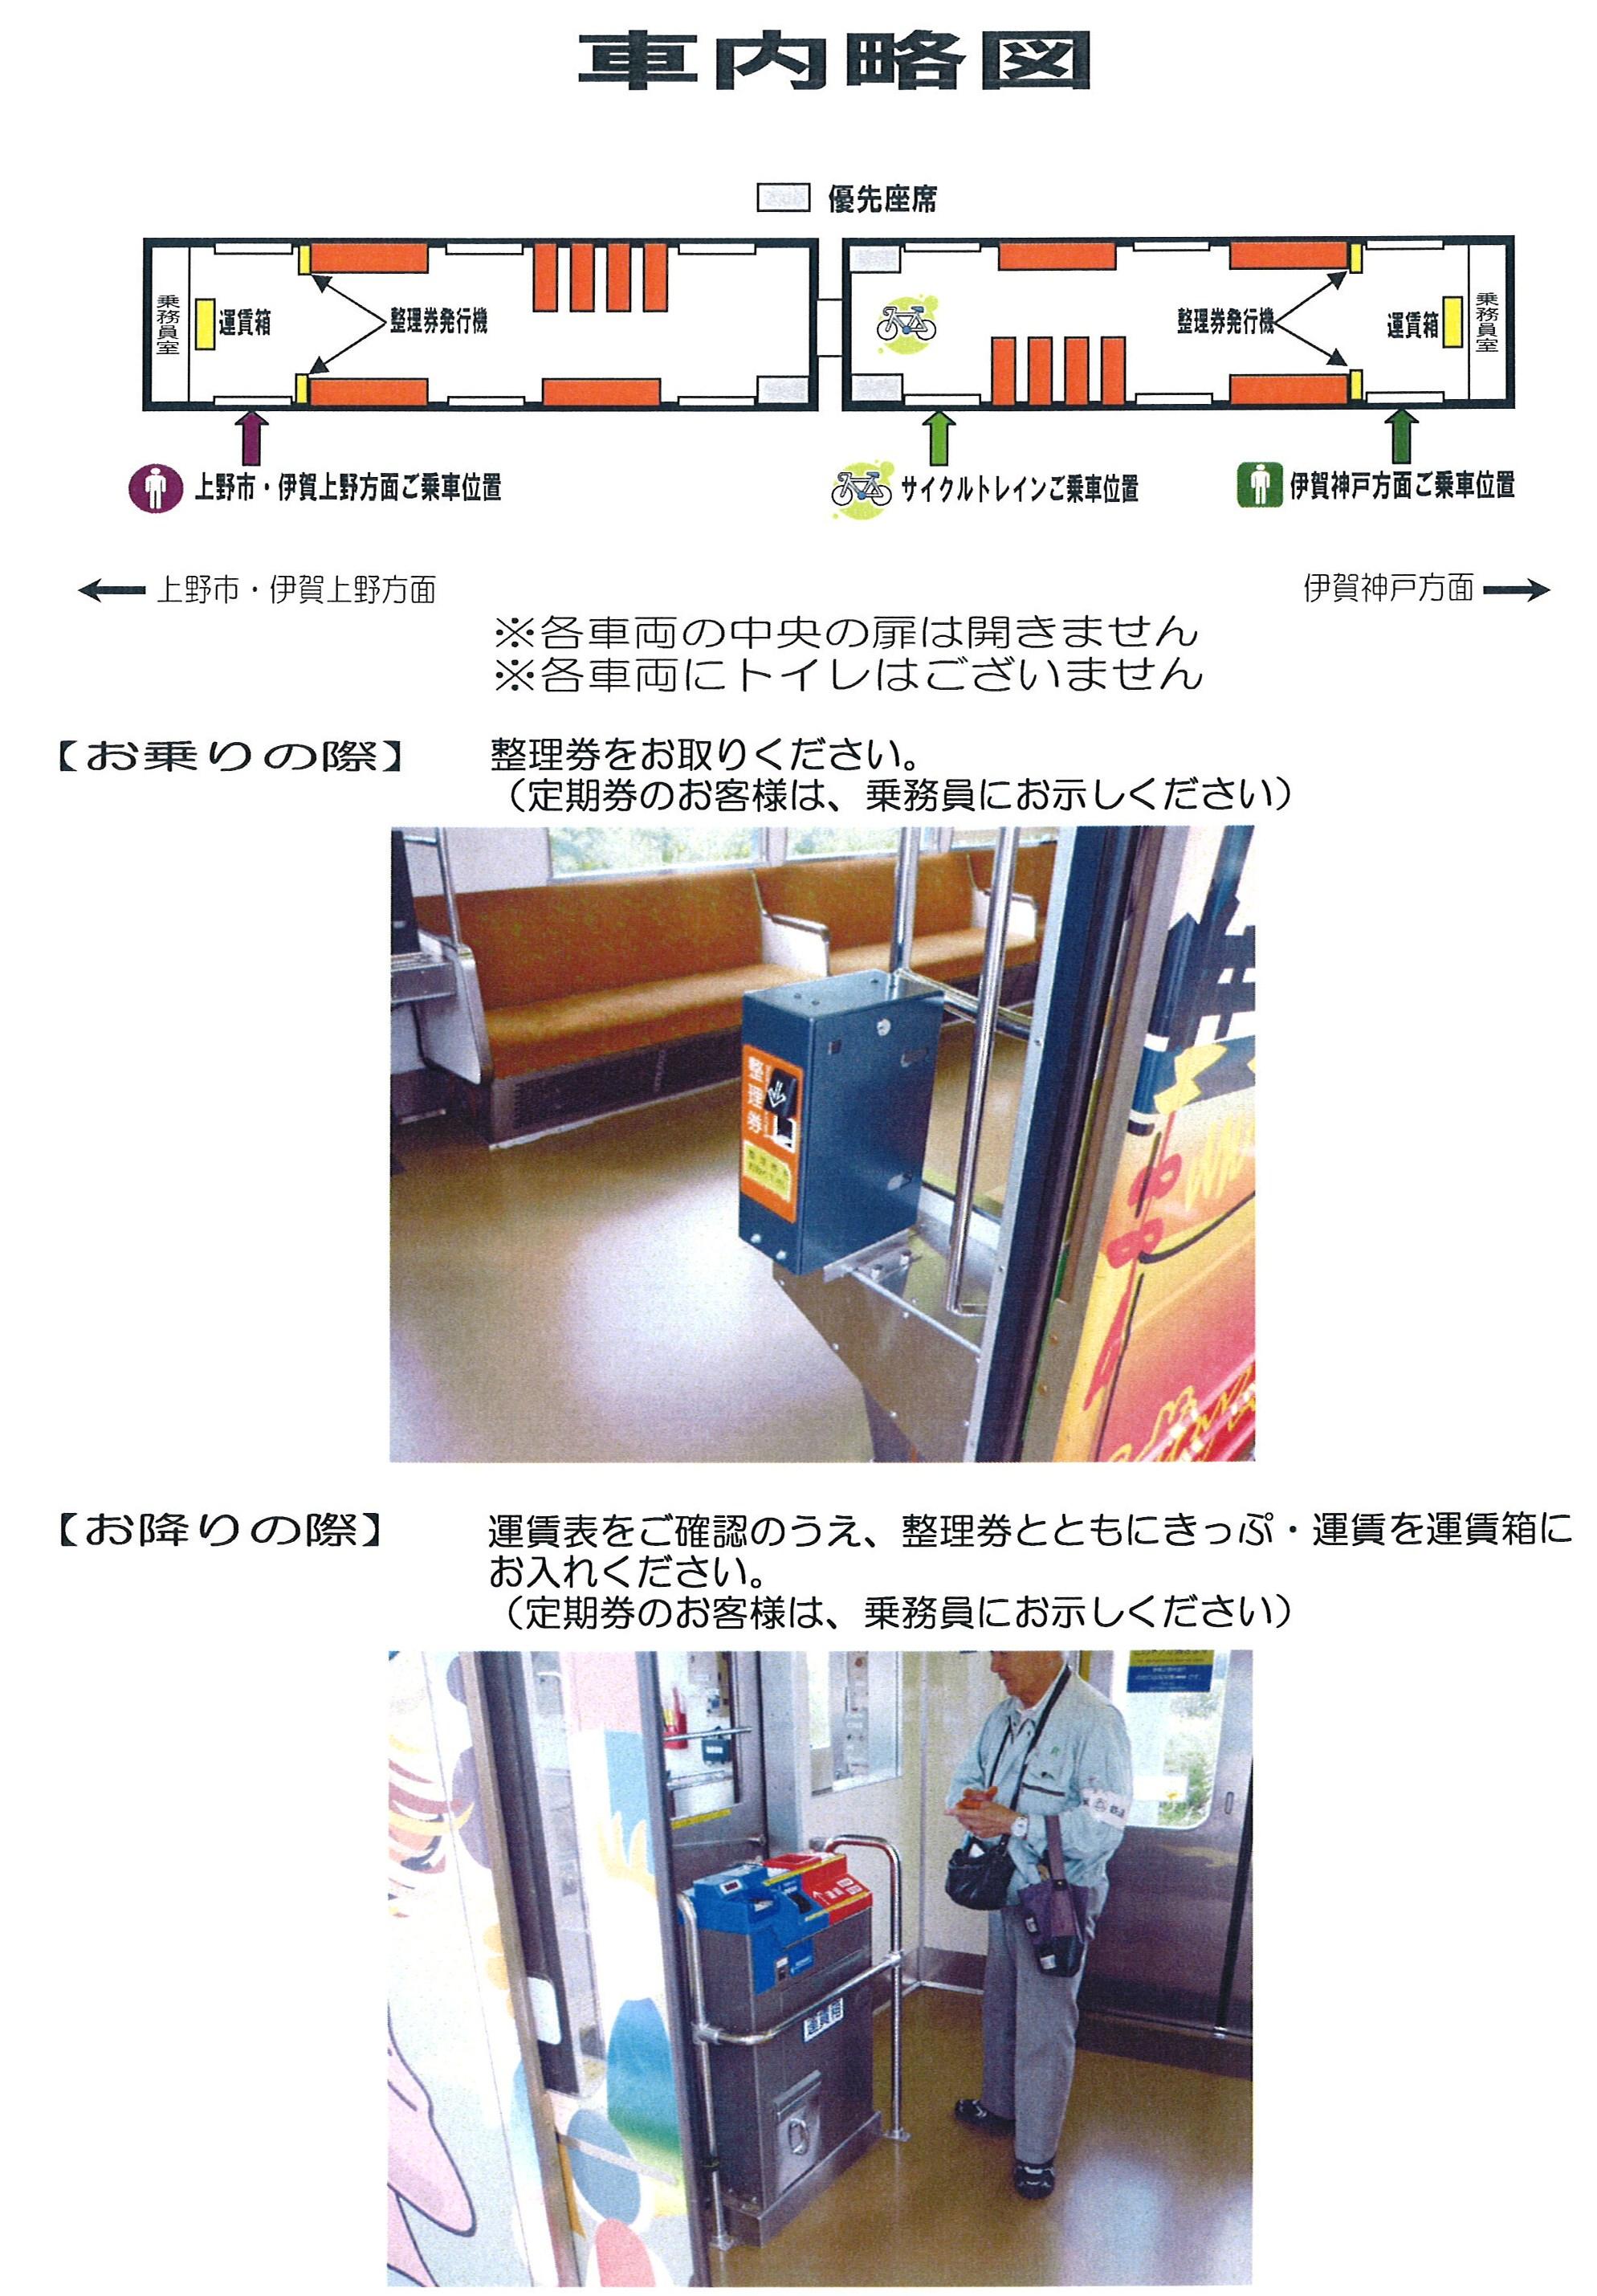 ichibesyanai.jpg